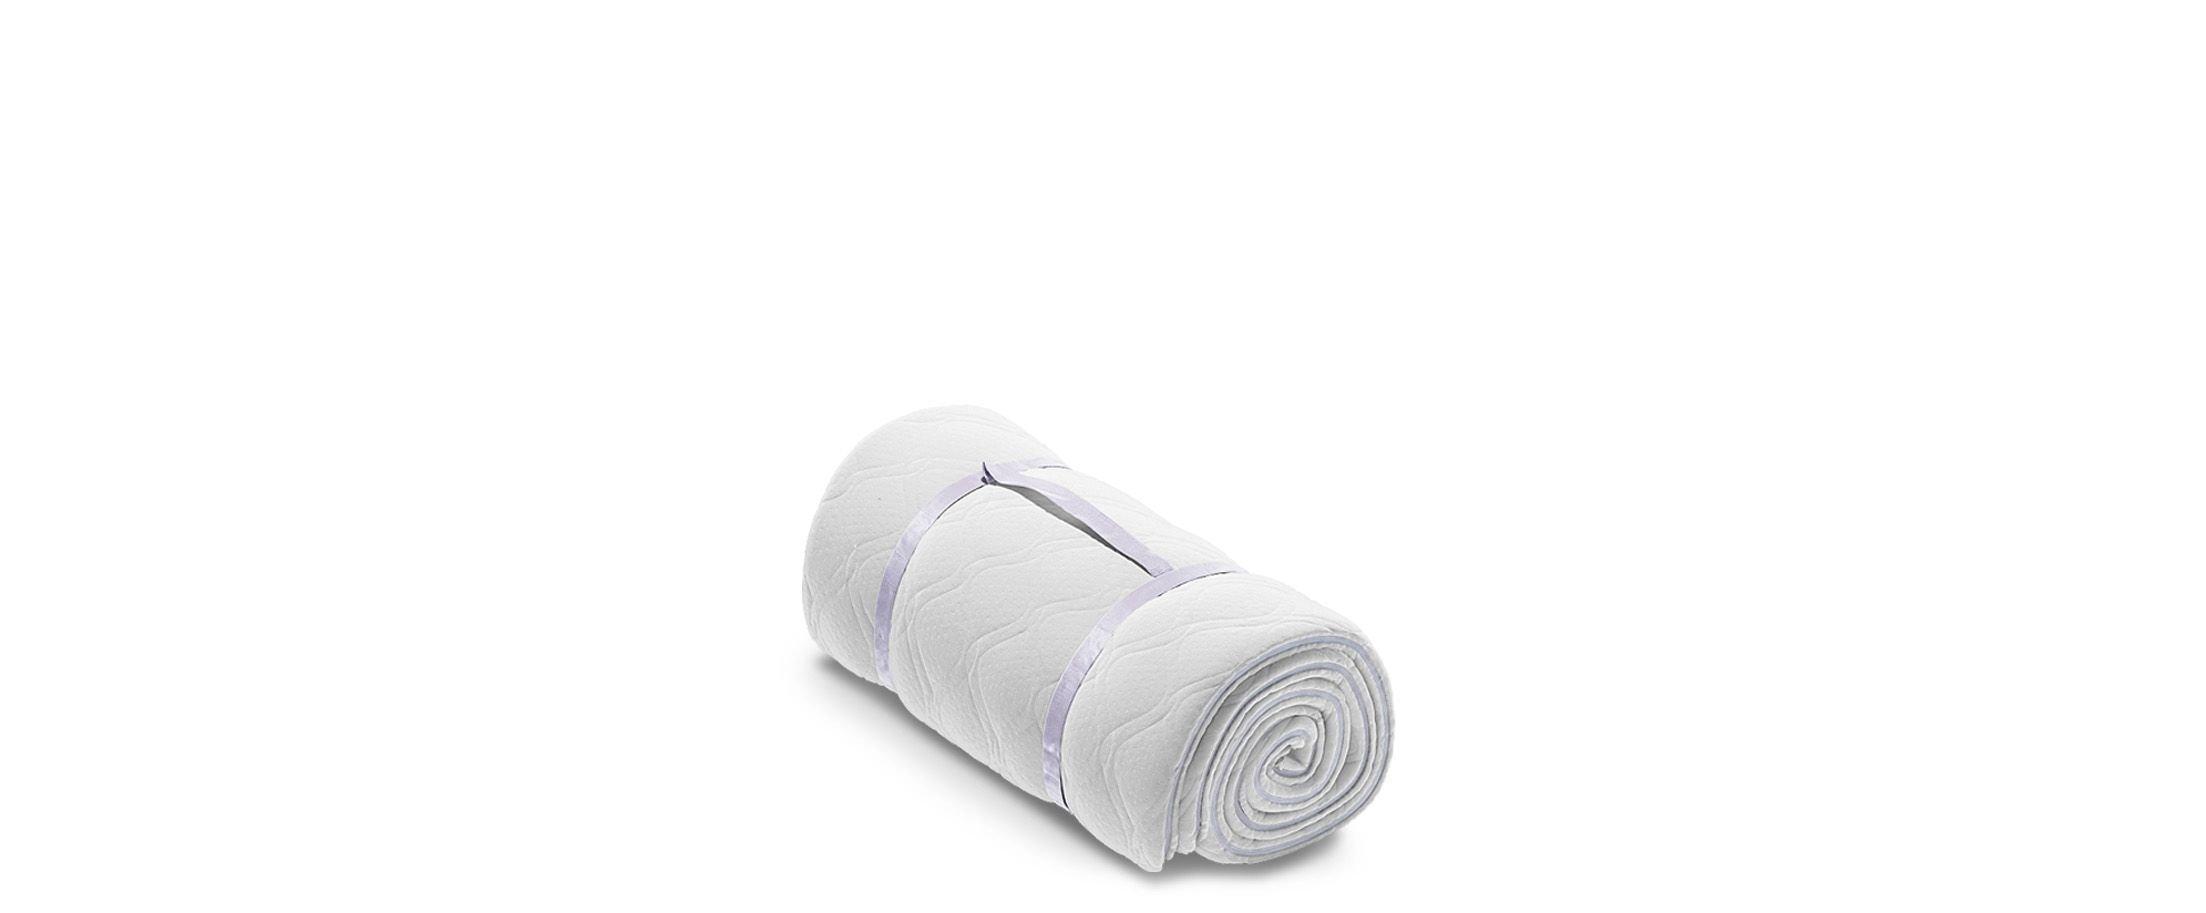 Elastic 058 наматрасник 120х190Антистрессовая пропитка ткани Aloe Vera сохраняет обивочную ткань от преждевременного изнашивания. Купить с доставкой в интернет-магазине MOON TRADE. Артикул: 001257<br>